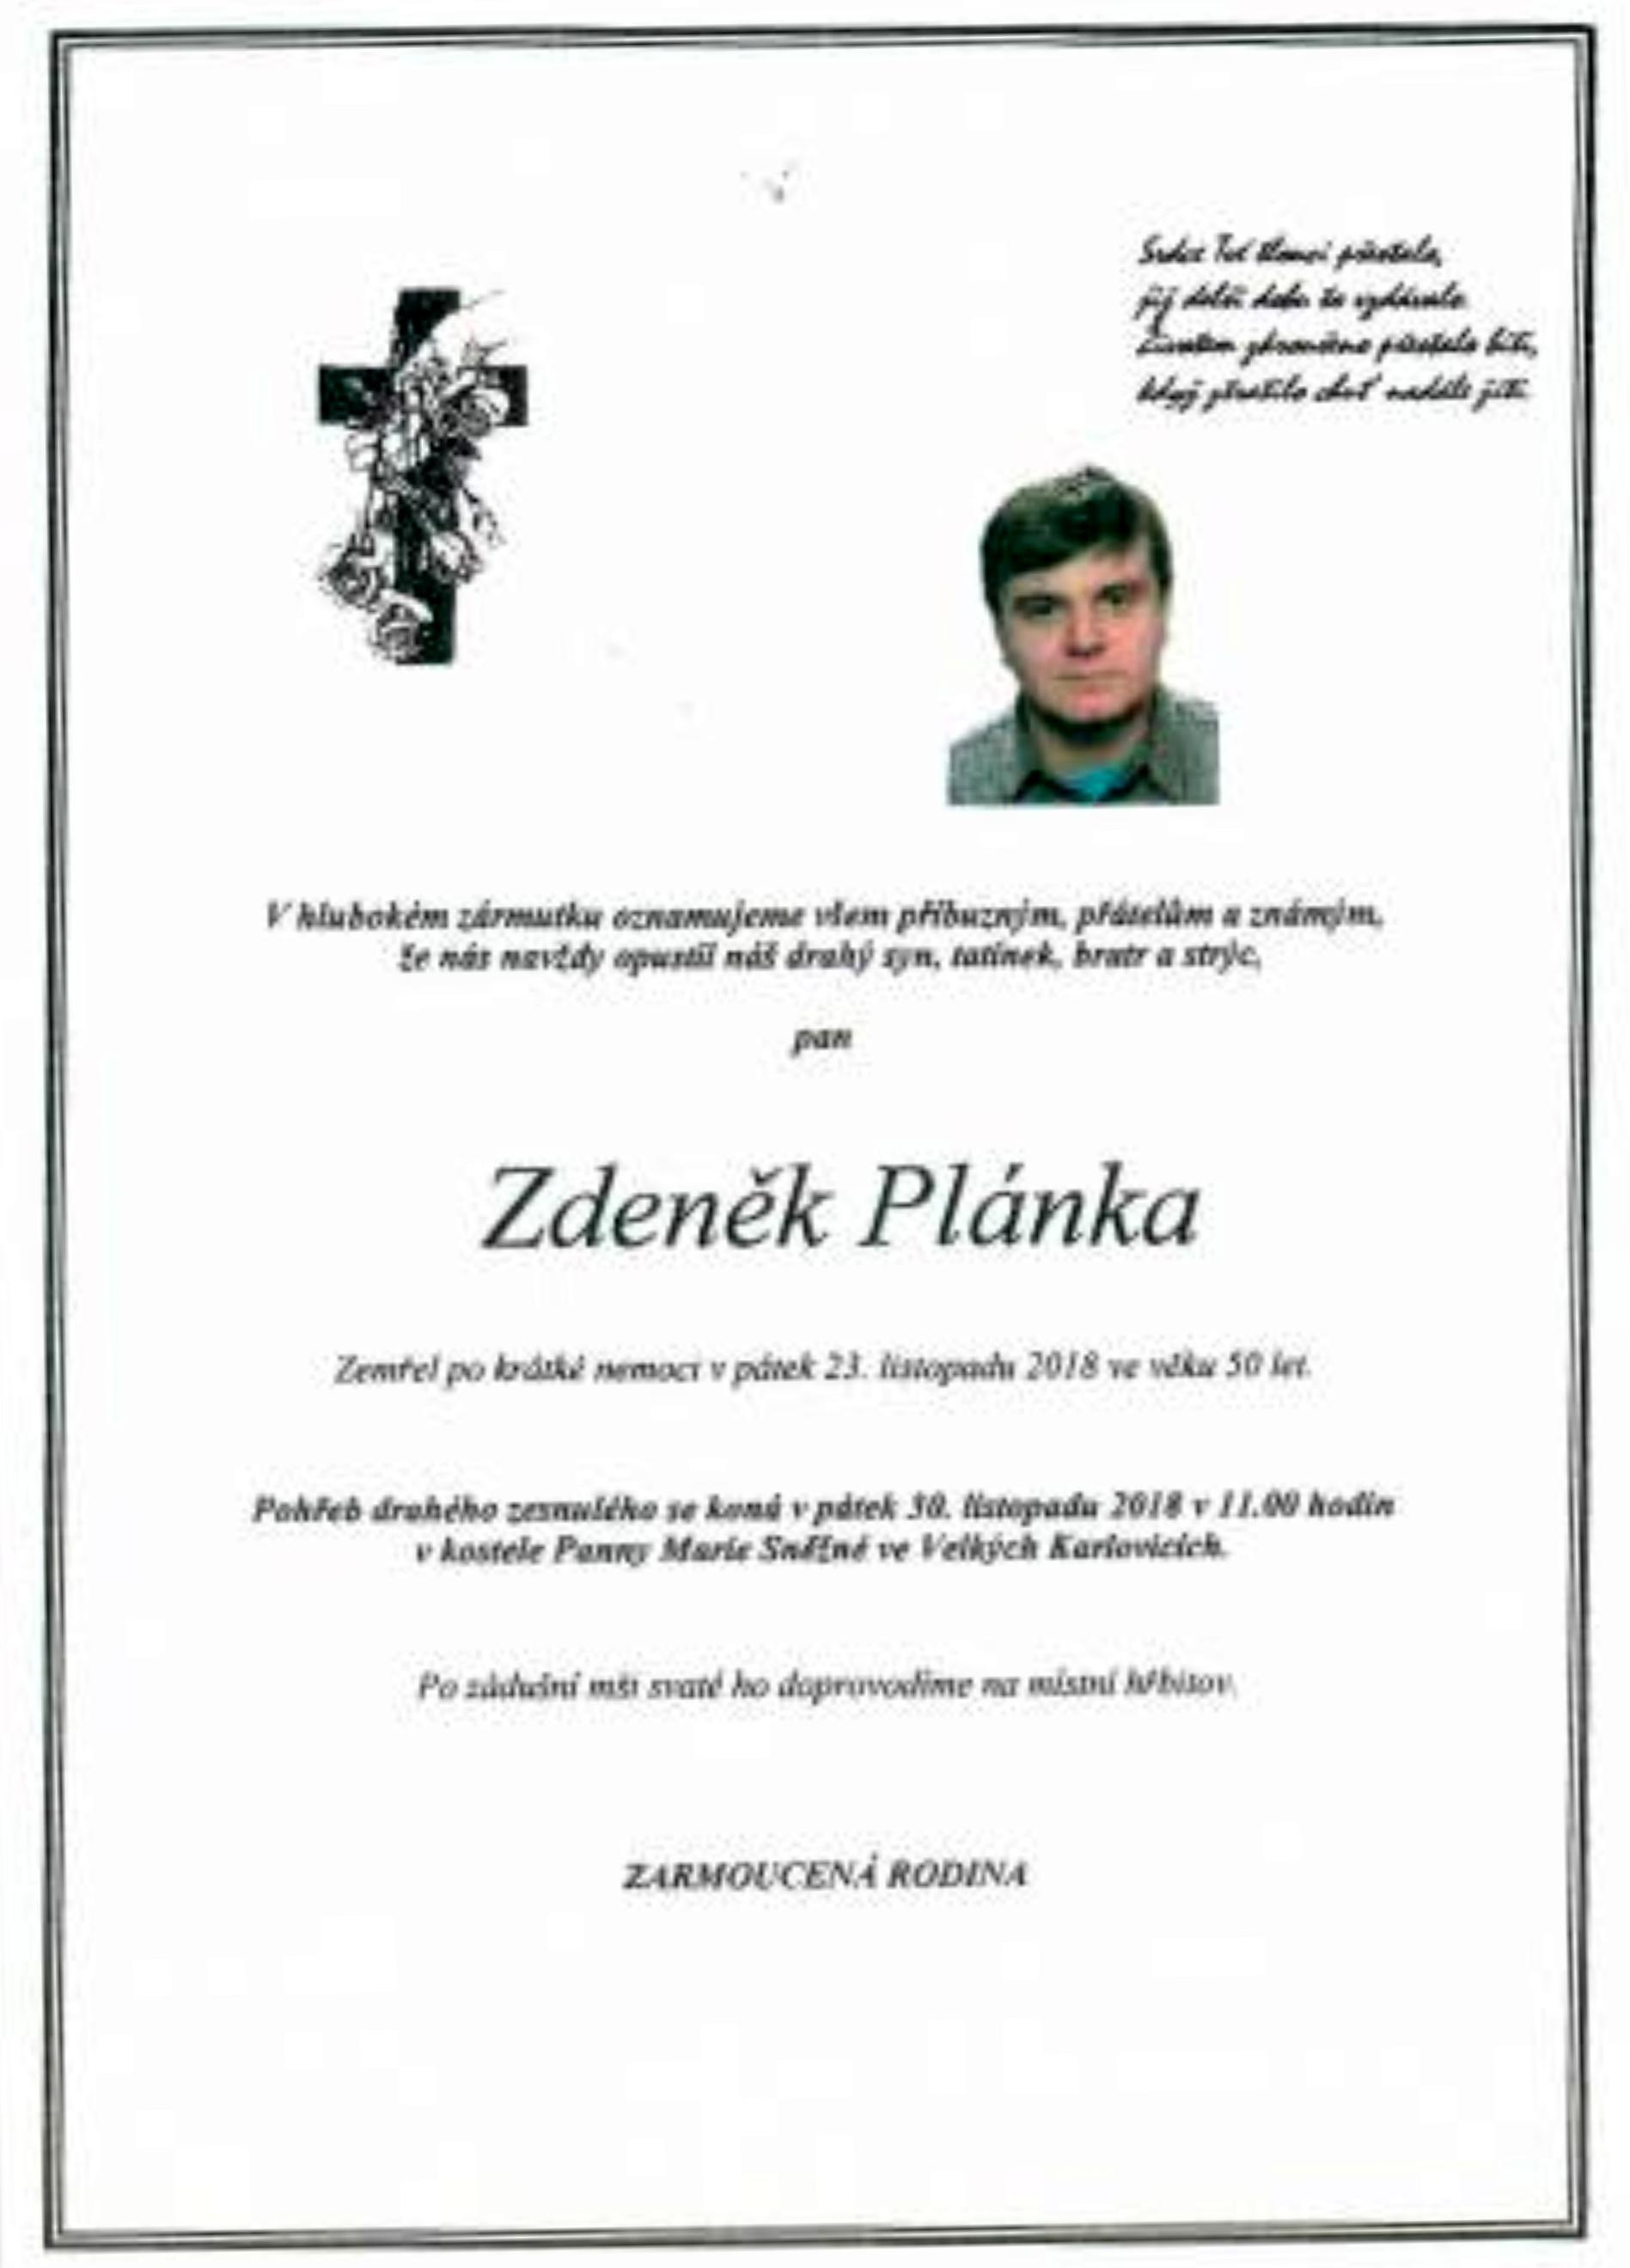 Zdeněk Plánka